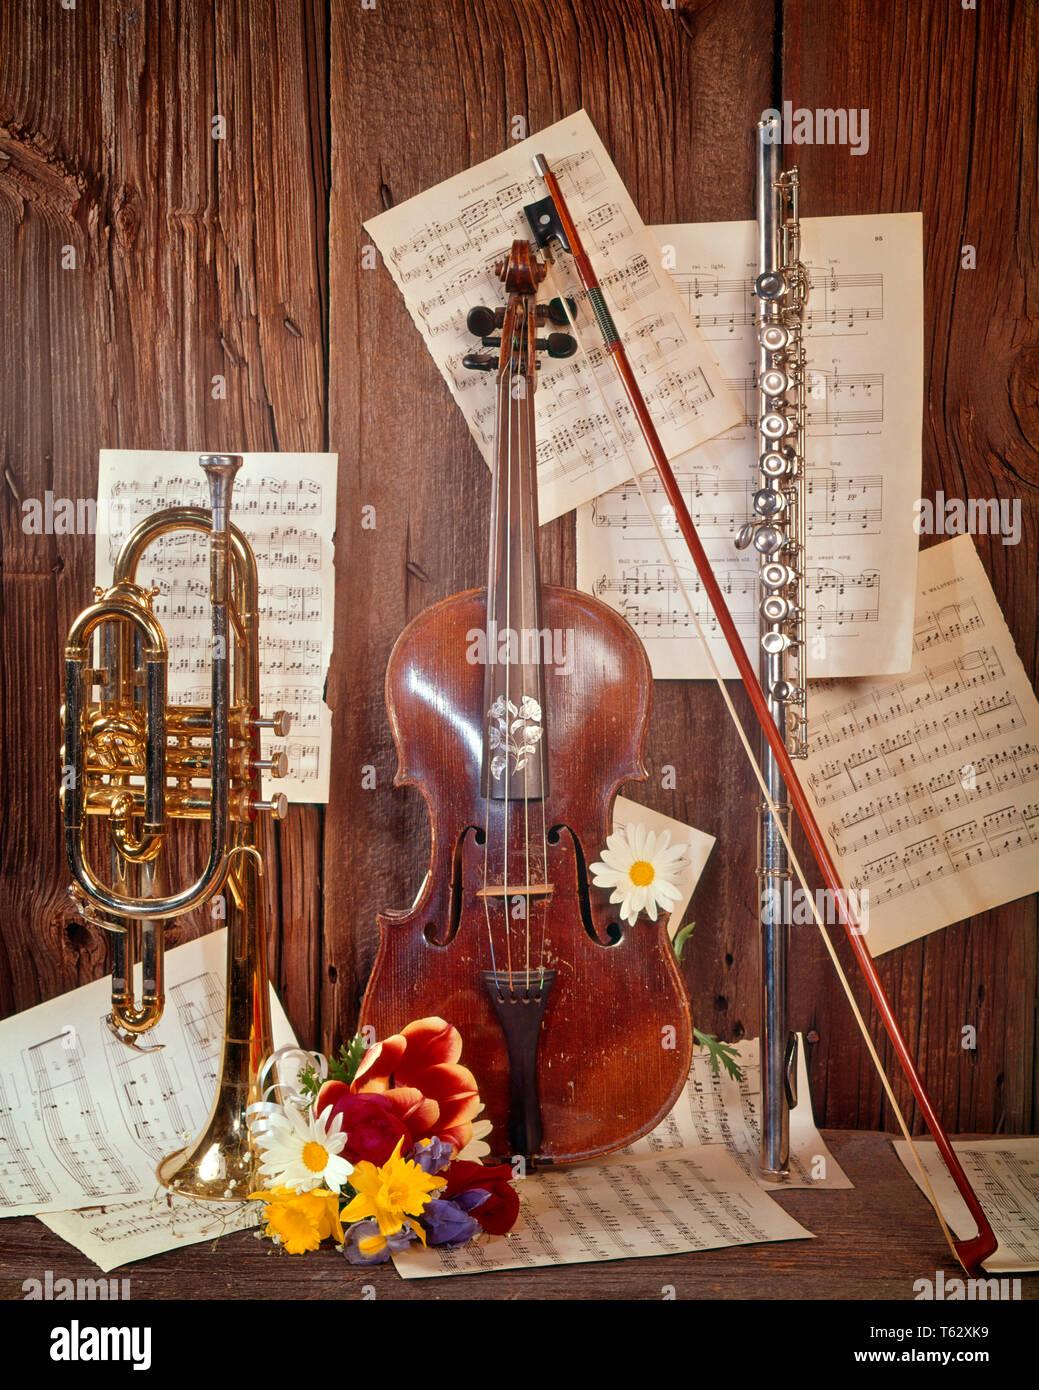 Anni sessanta strumenti musicali ancora vita violino flauto tromba spartiti fiori - km1924 HAR001 HARS in vecchio stile Immagini Stock